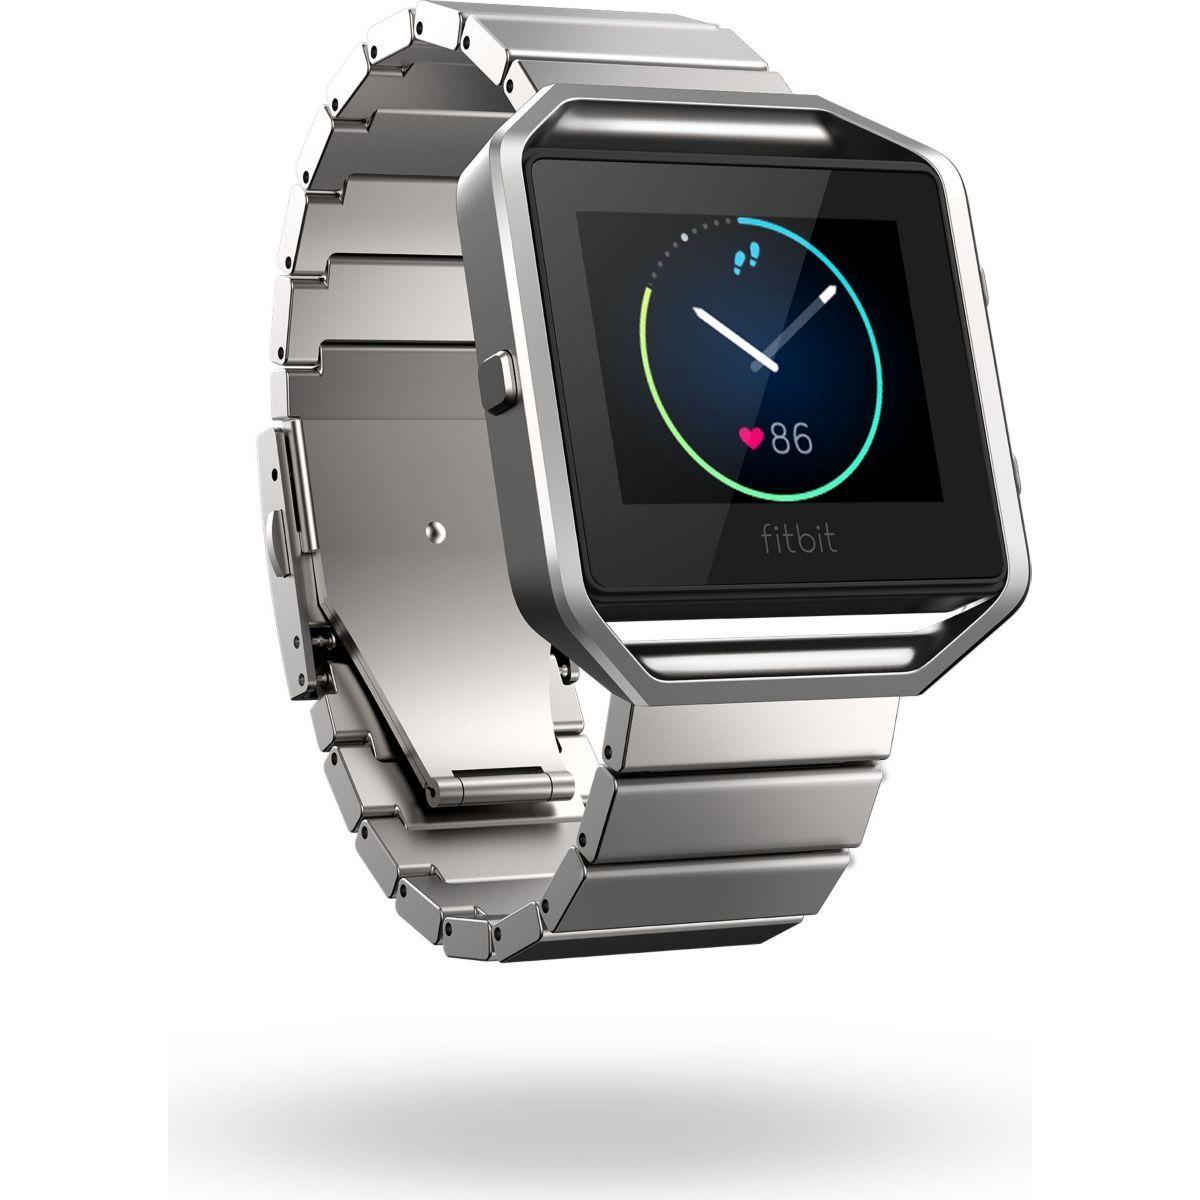 Accessoire fitbit bracelet blaze metal silver - 15% de remise immédiate avec le code : top15 (photo)